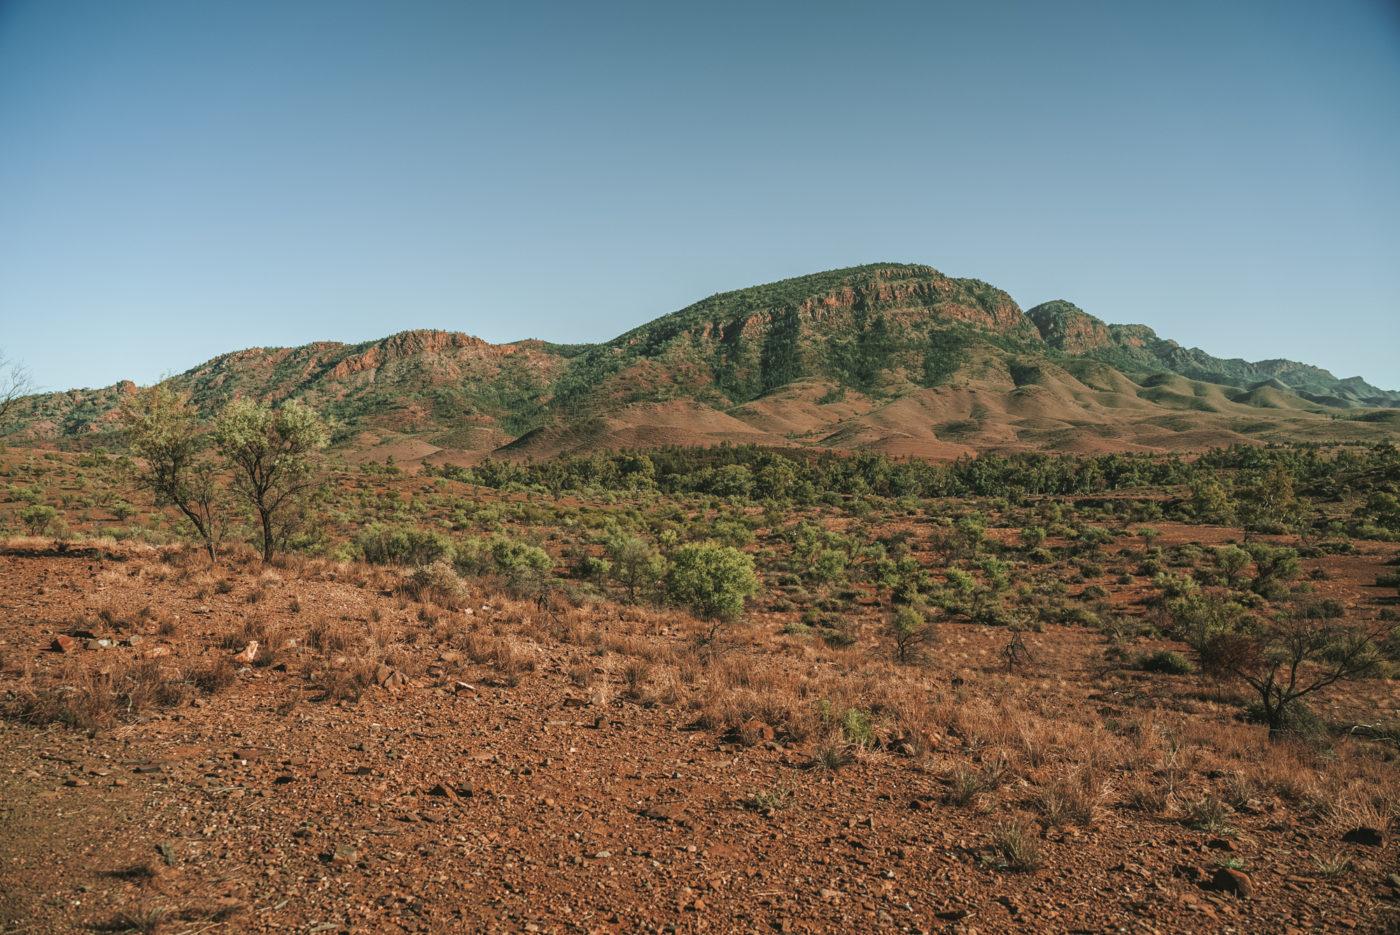 Aroona Valley, Flinders Ranges National Park